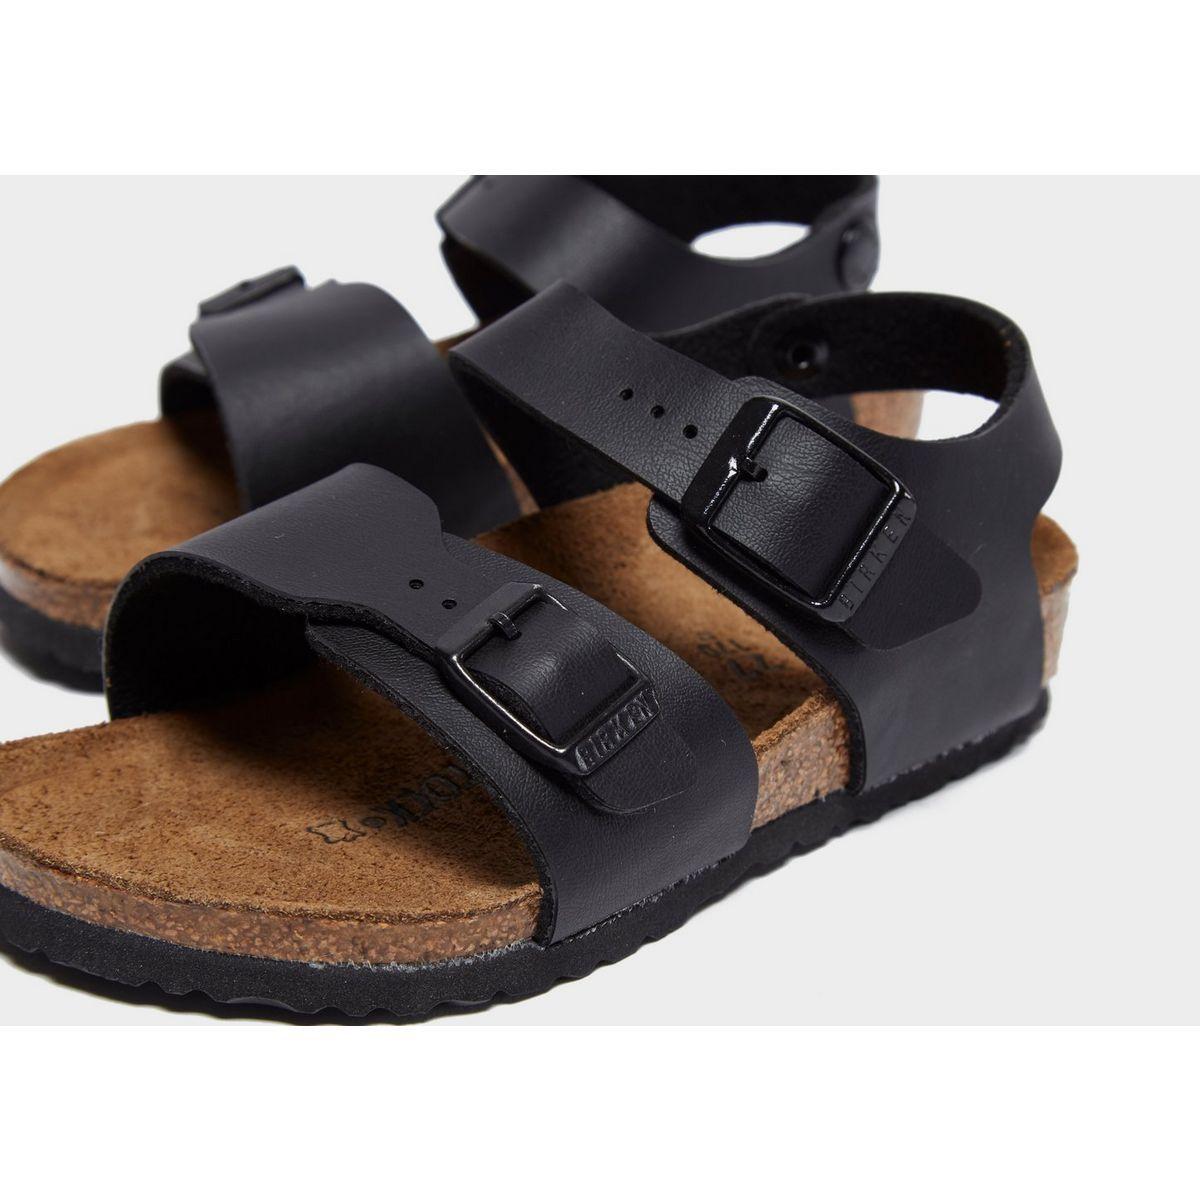 Birkenstock New York Sandals Infant Birkenstock, Black